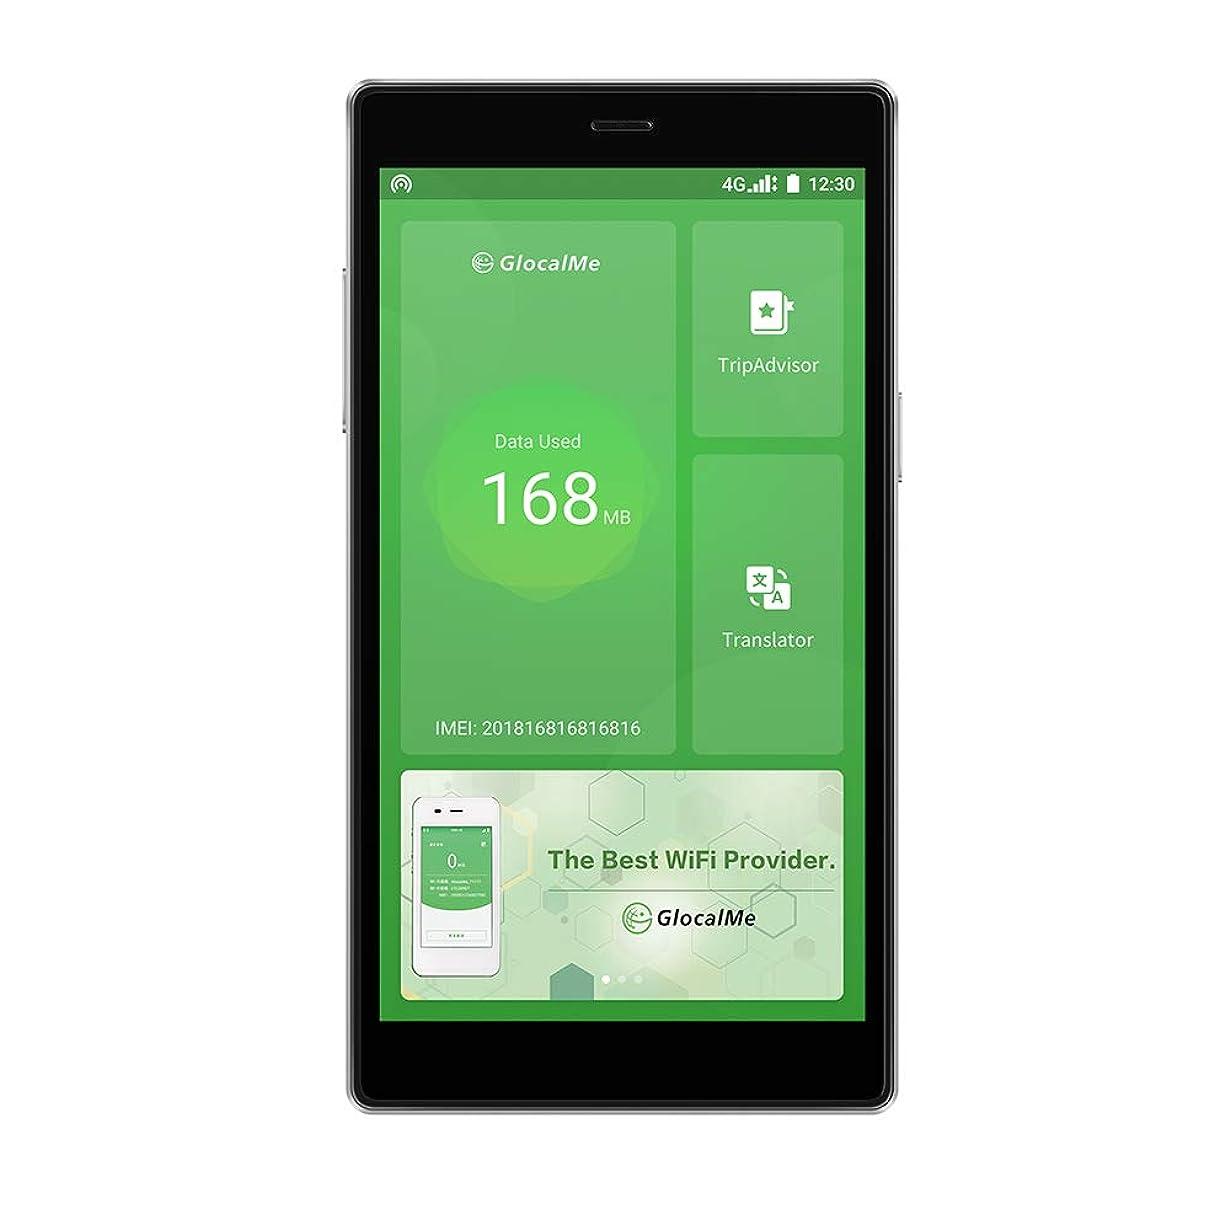 KKmoon GlocalMe G4 4G WiFiルーター HDスクリーン 高速ネットワーク モバイルWiFi ホットスポット 無料ローミング パワーバンク SIMカードスロット(ブラック)